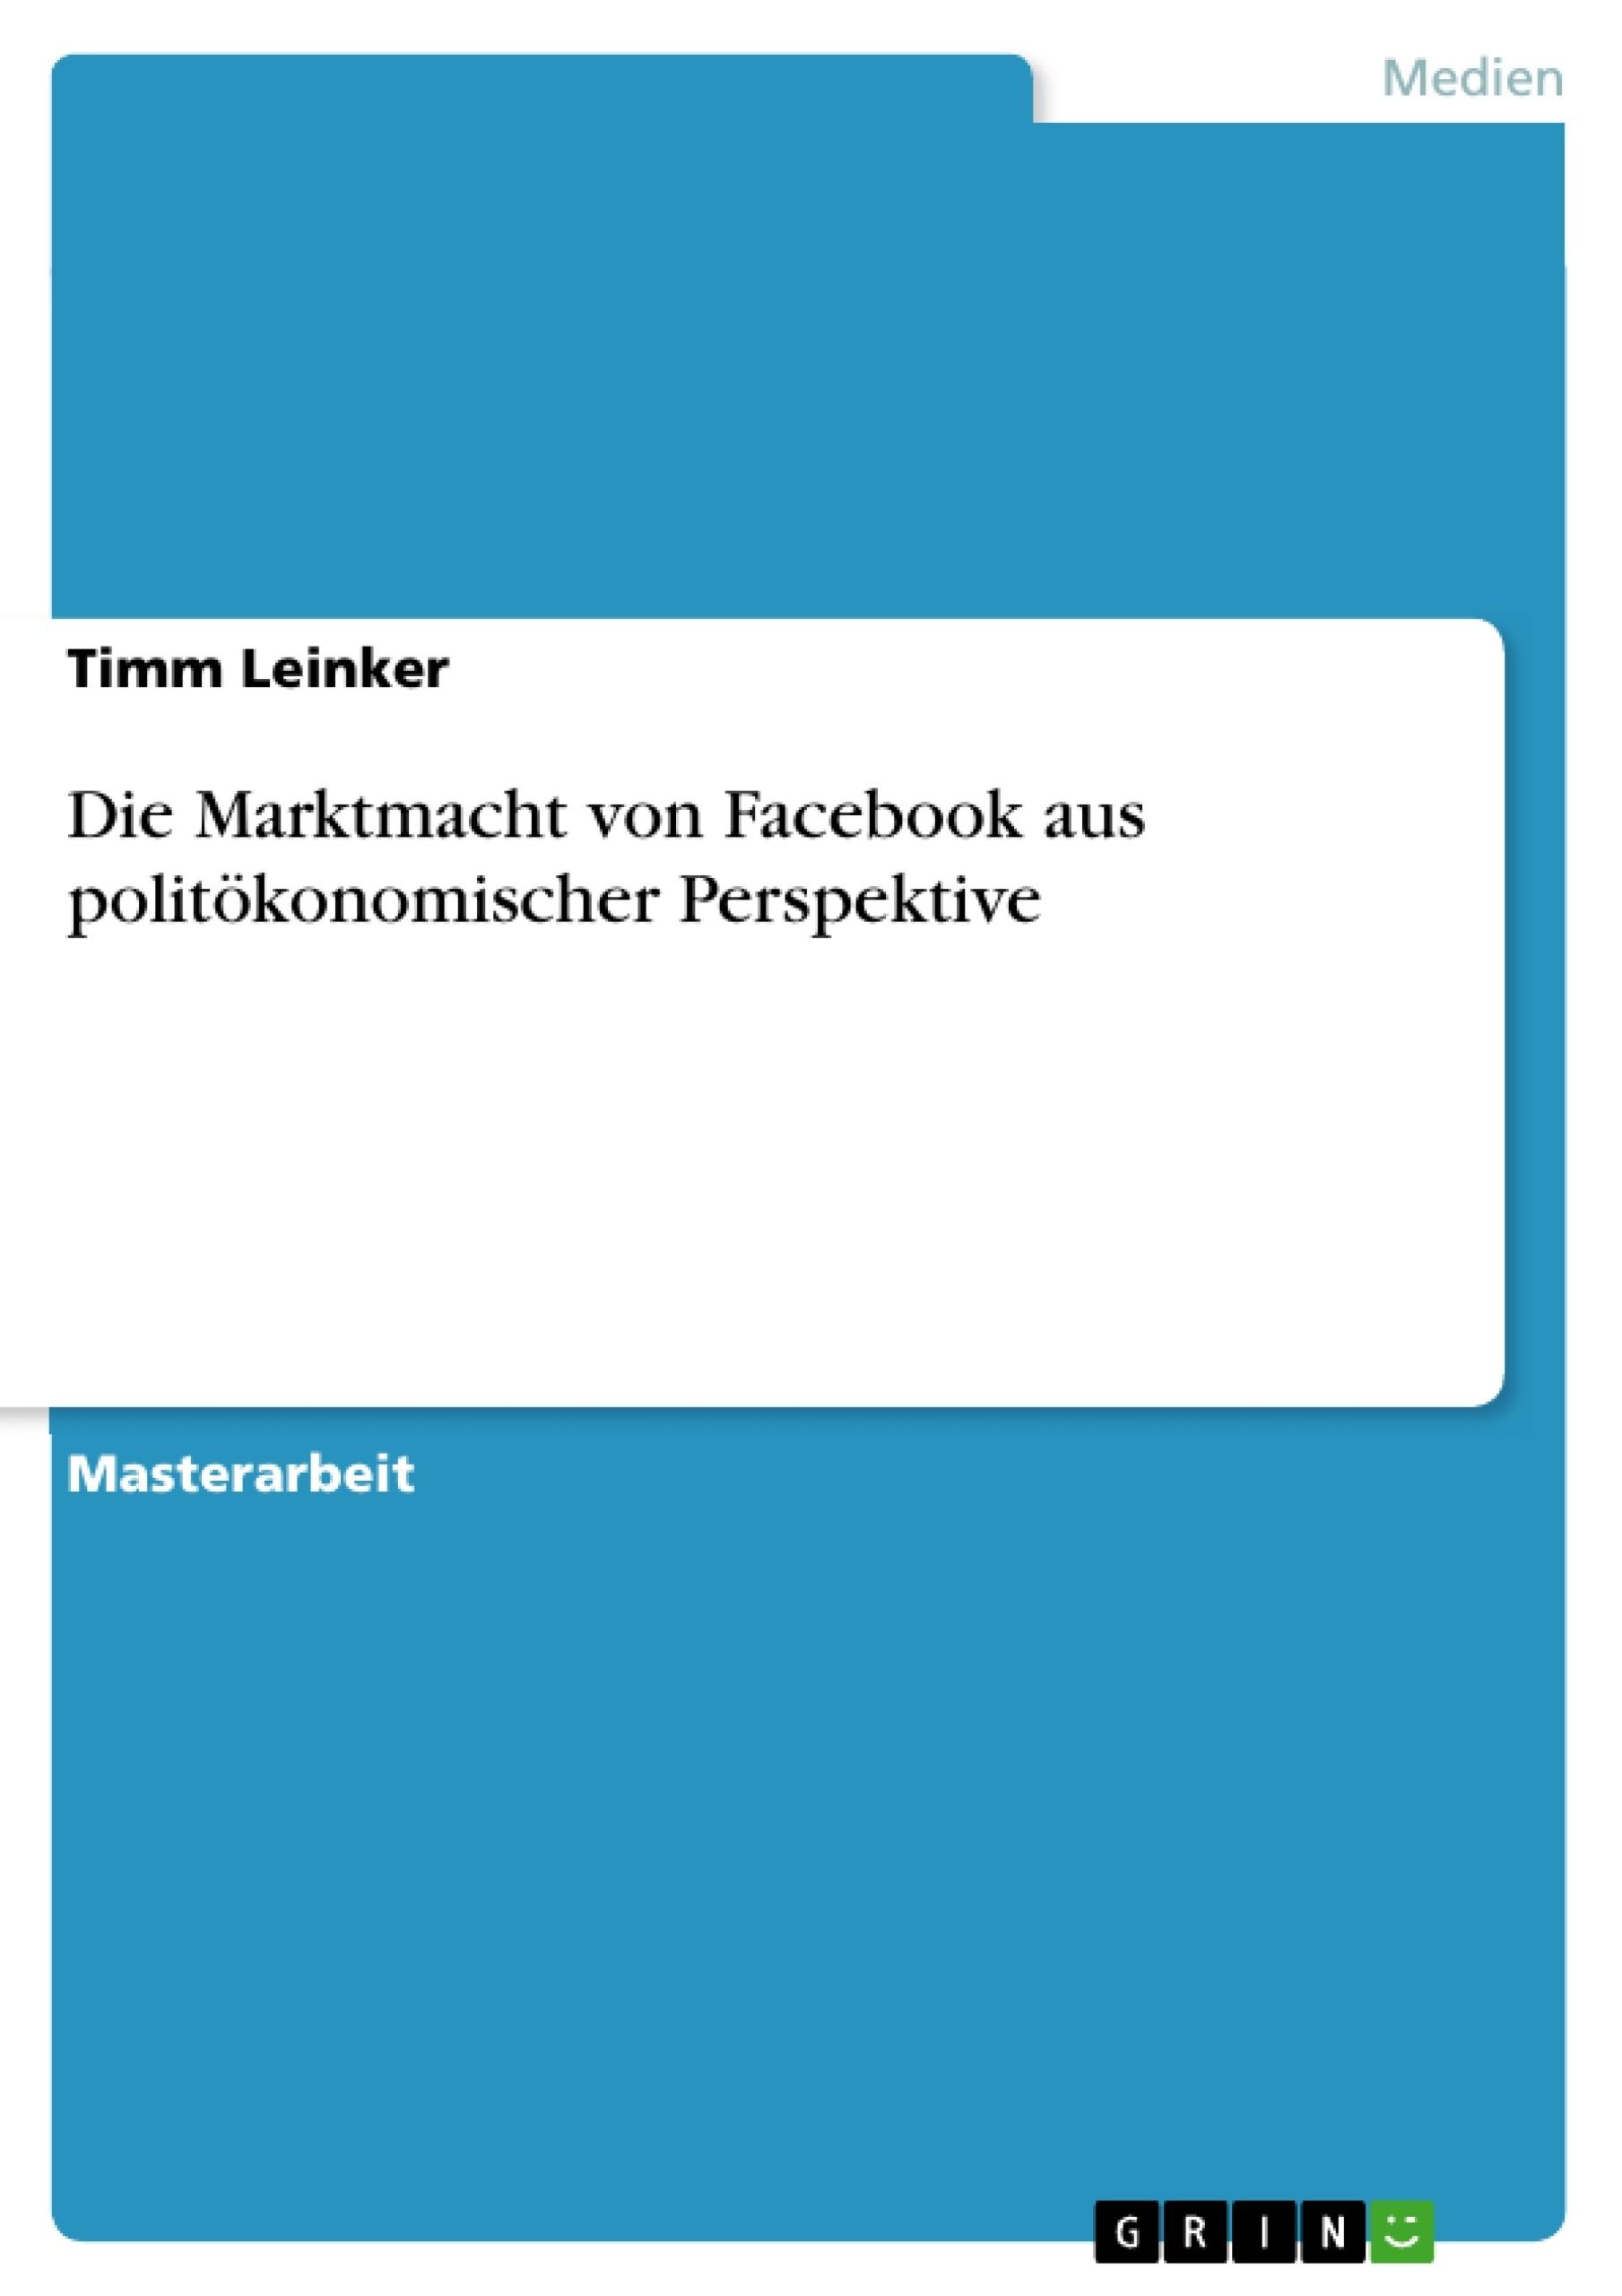 Titel: Die Marktmacht von Facebook aus politökonomischer Perspektive